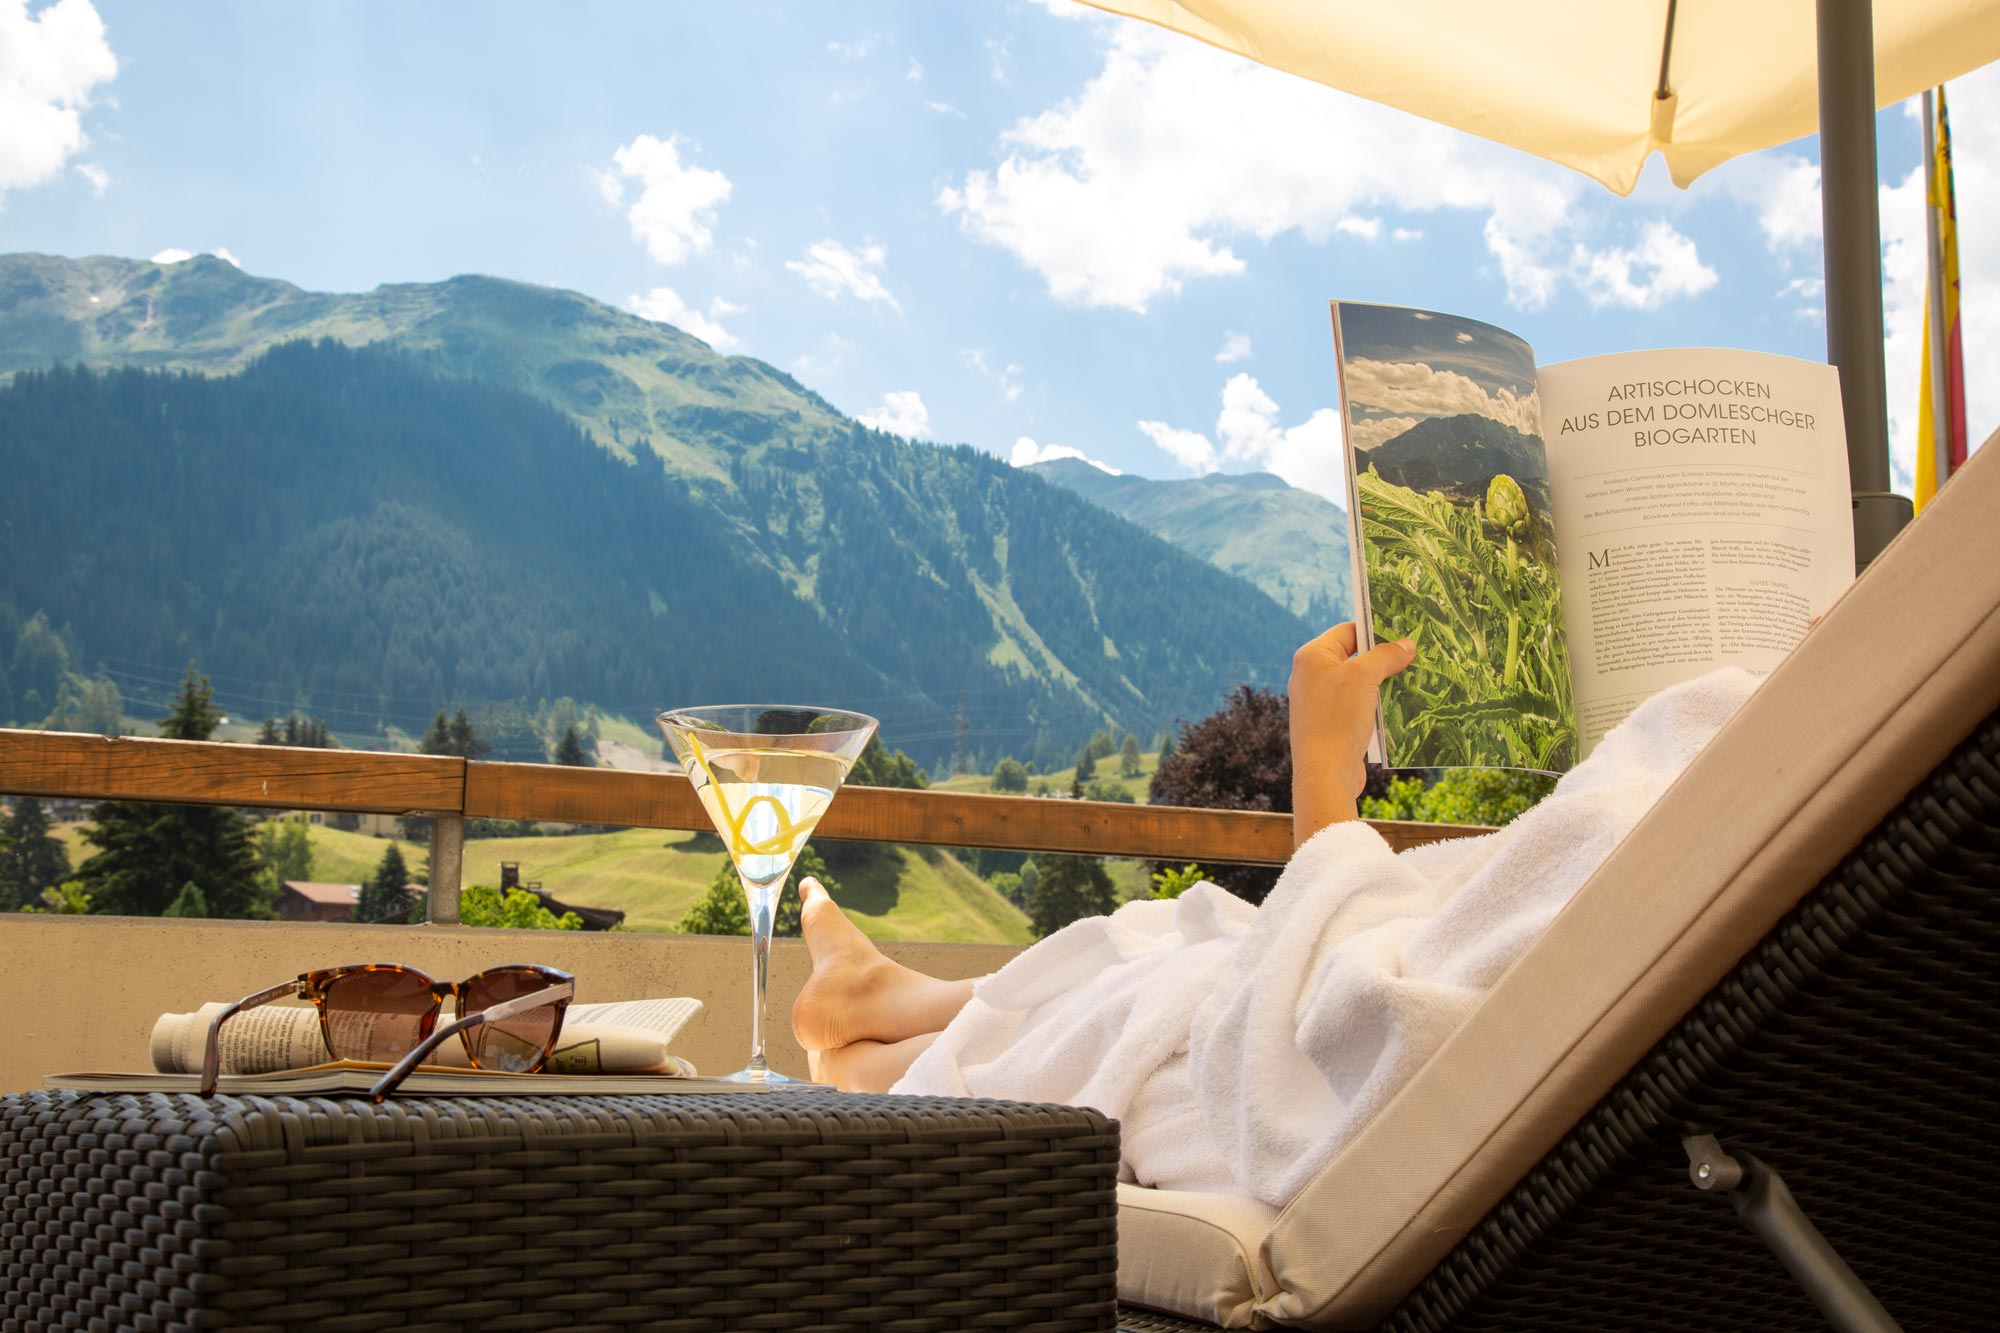 Piz Buin Schweiz Relax Lifestyle Fotografie von Adrian Kilchherr; Hotel und ResortFotograf